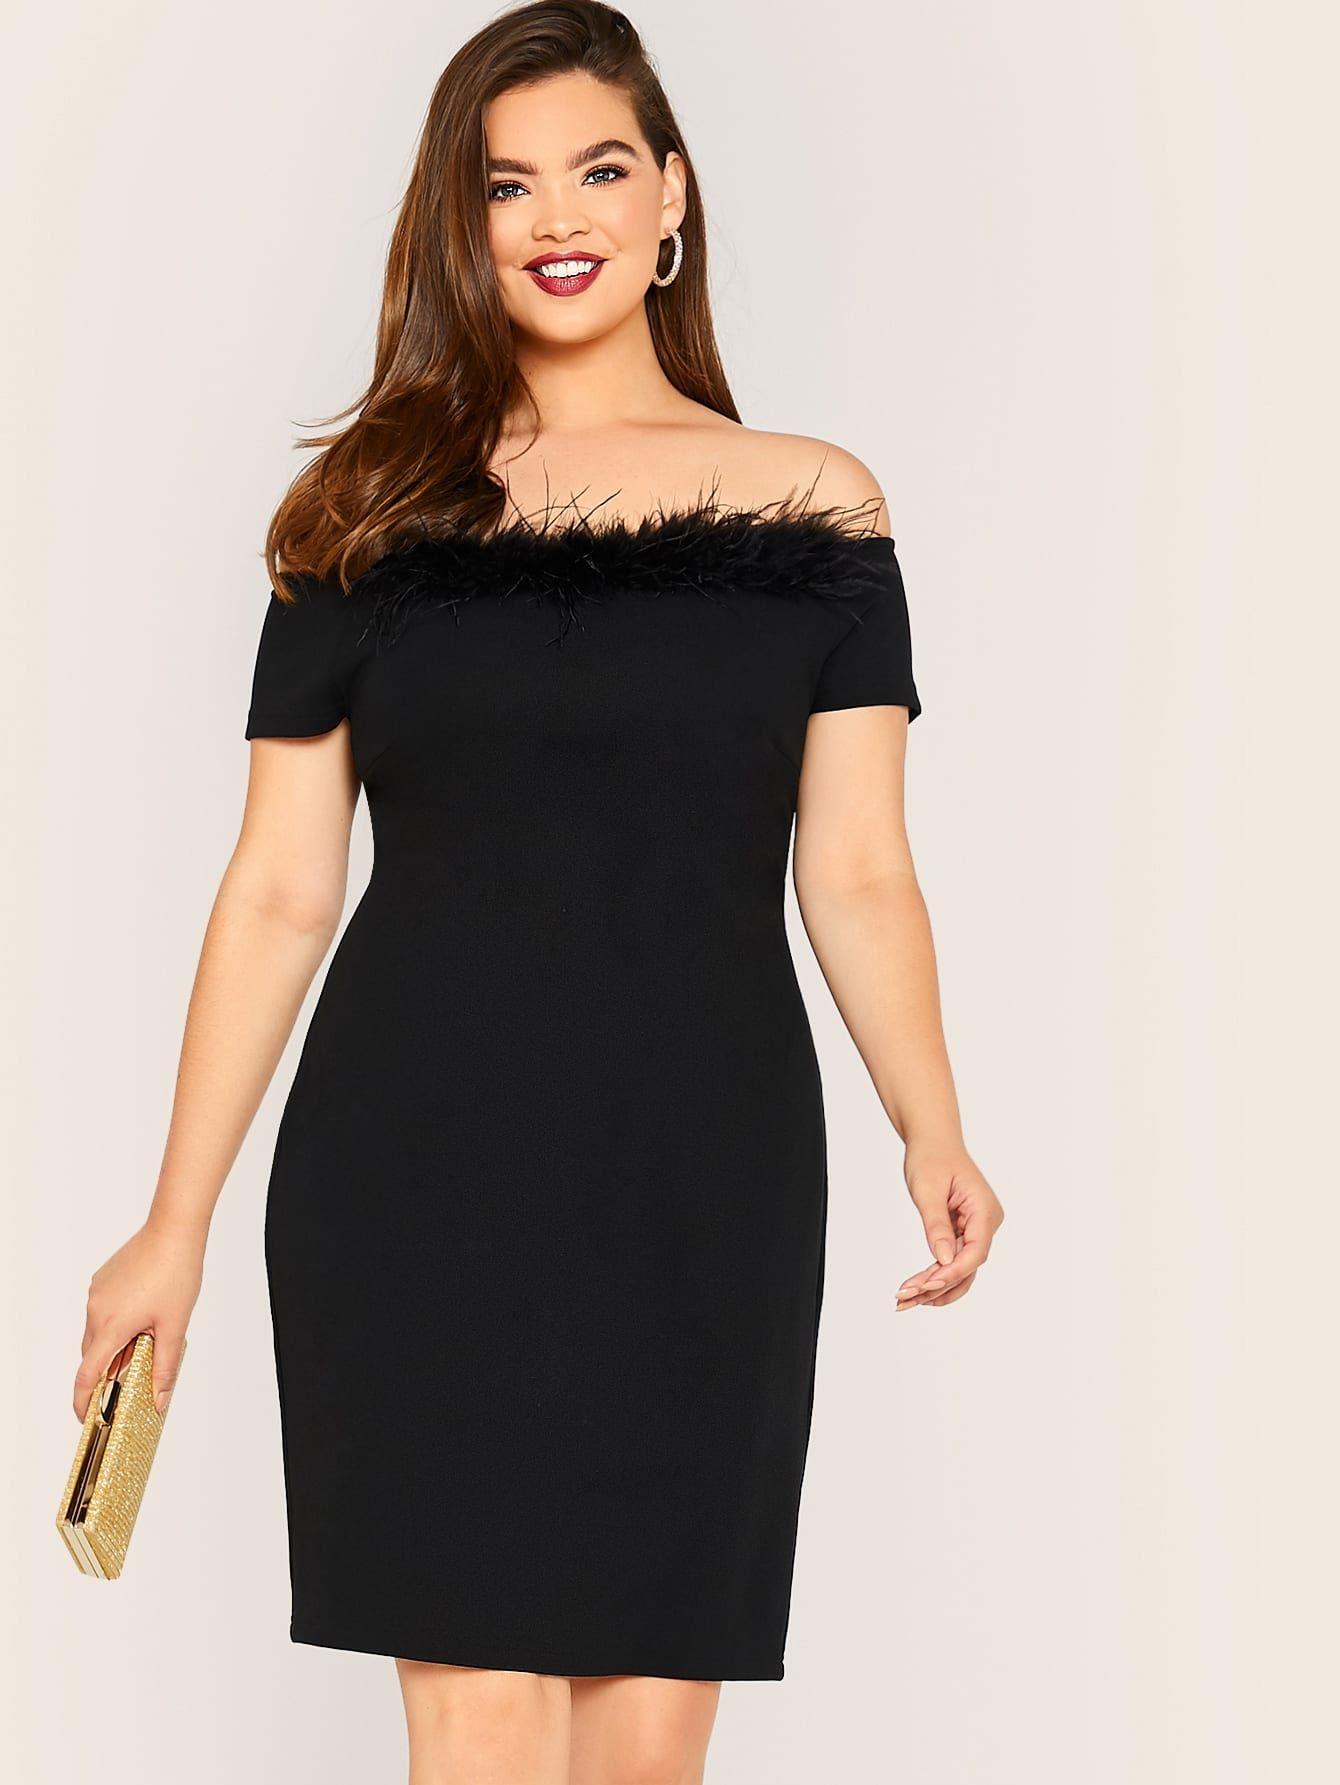 Vestido Lapiz De Hombros Descubiertos Con Diseno De Pluma Grande Vestidos Tallas Grandes Mujer Ofertas Vestidos Vestidos De Talla Grande Vestido Lapiz